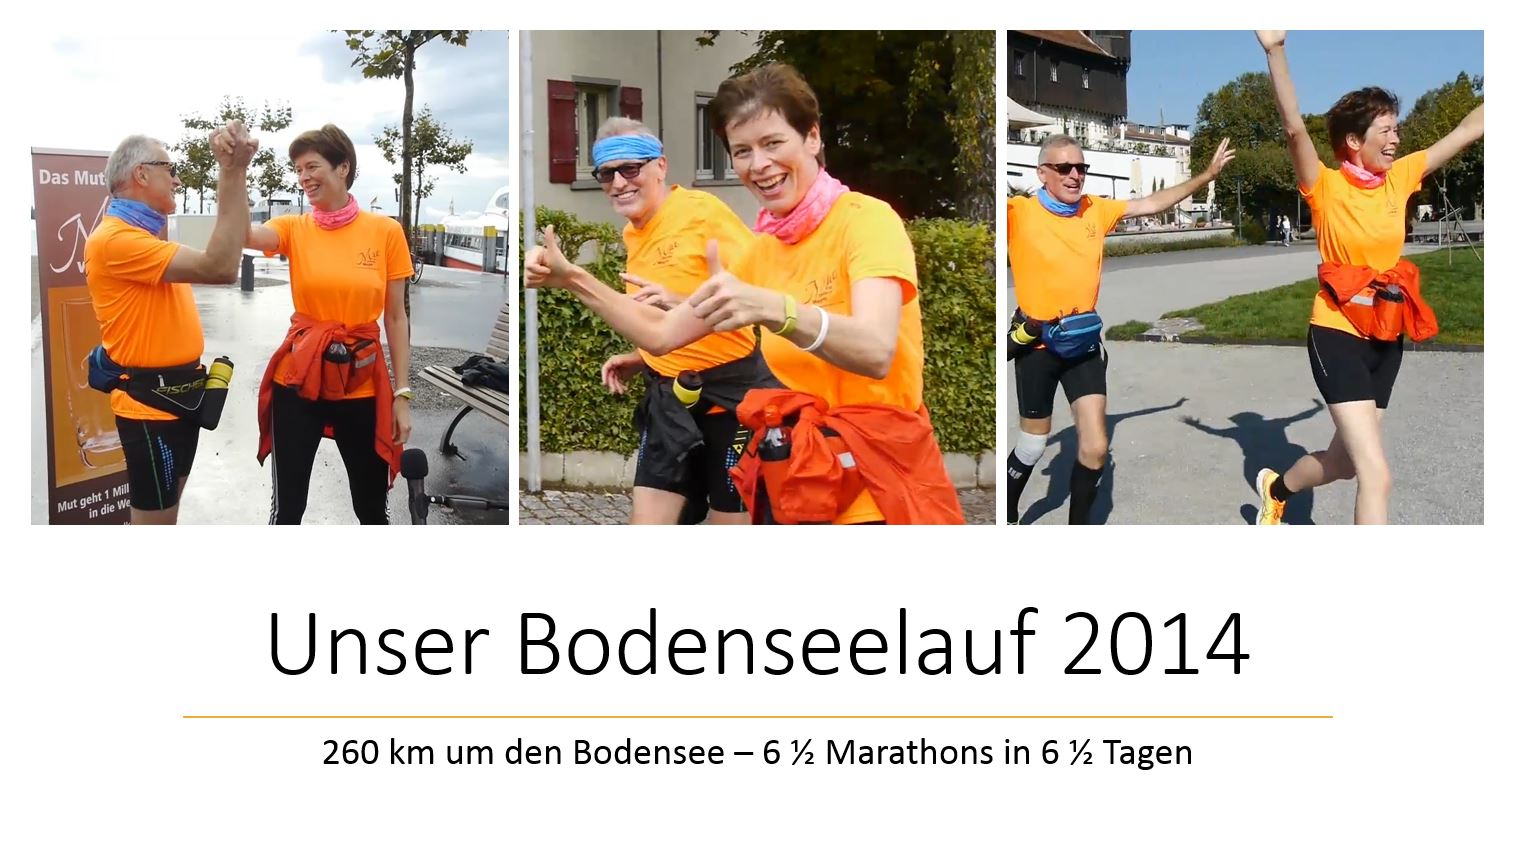 Unser Bodenseelauf 2014